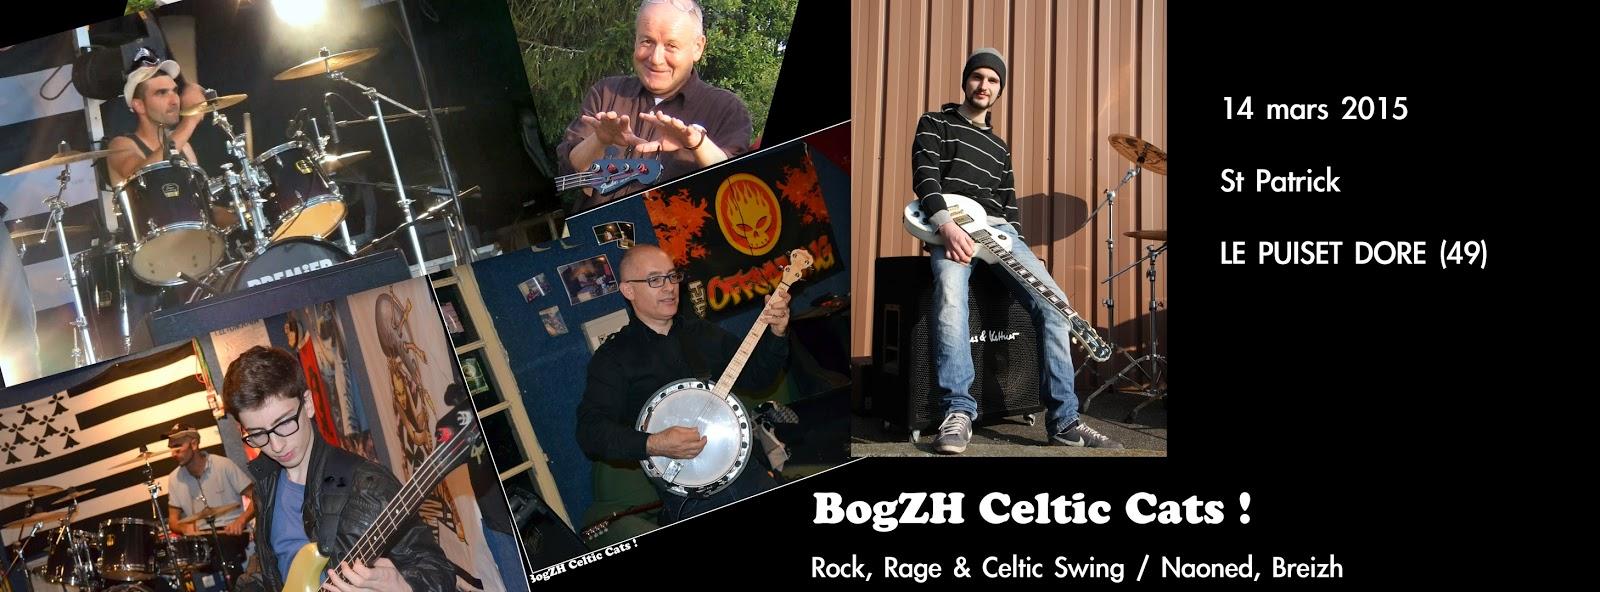 Fête de la Saint Patrick BogZH Celtic Cats ! Rock celtique punk folk irish trad